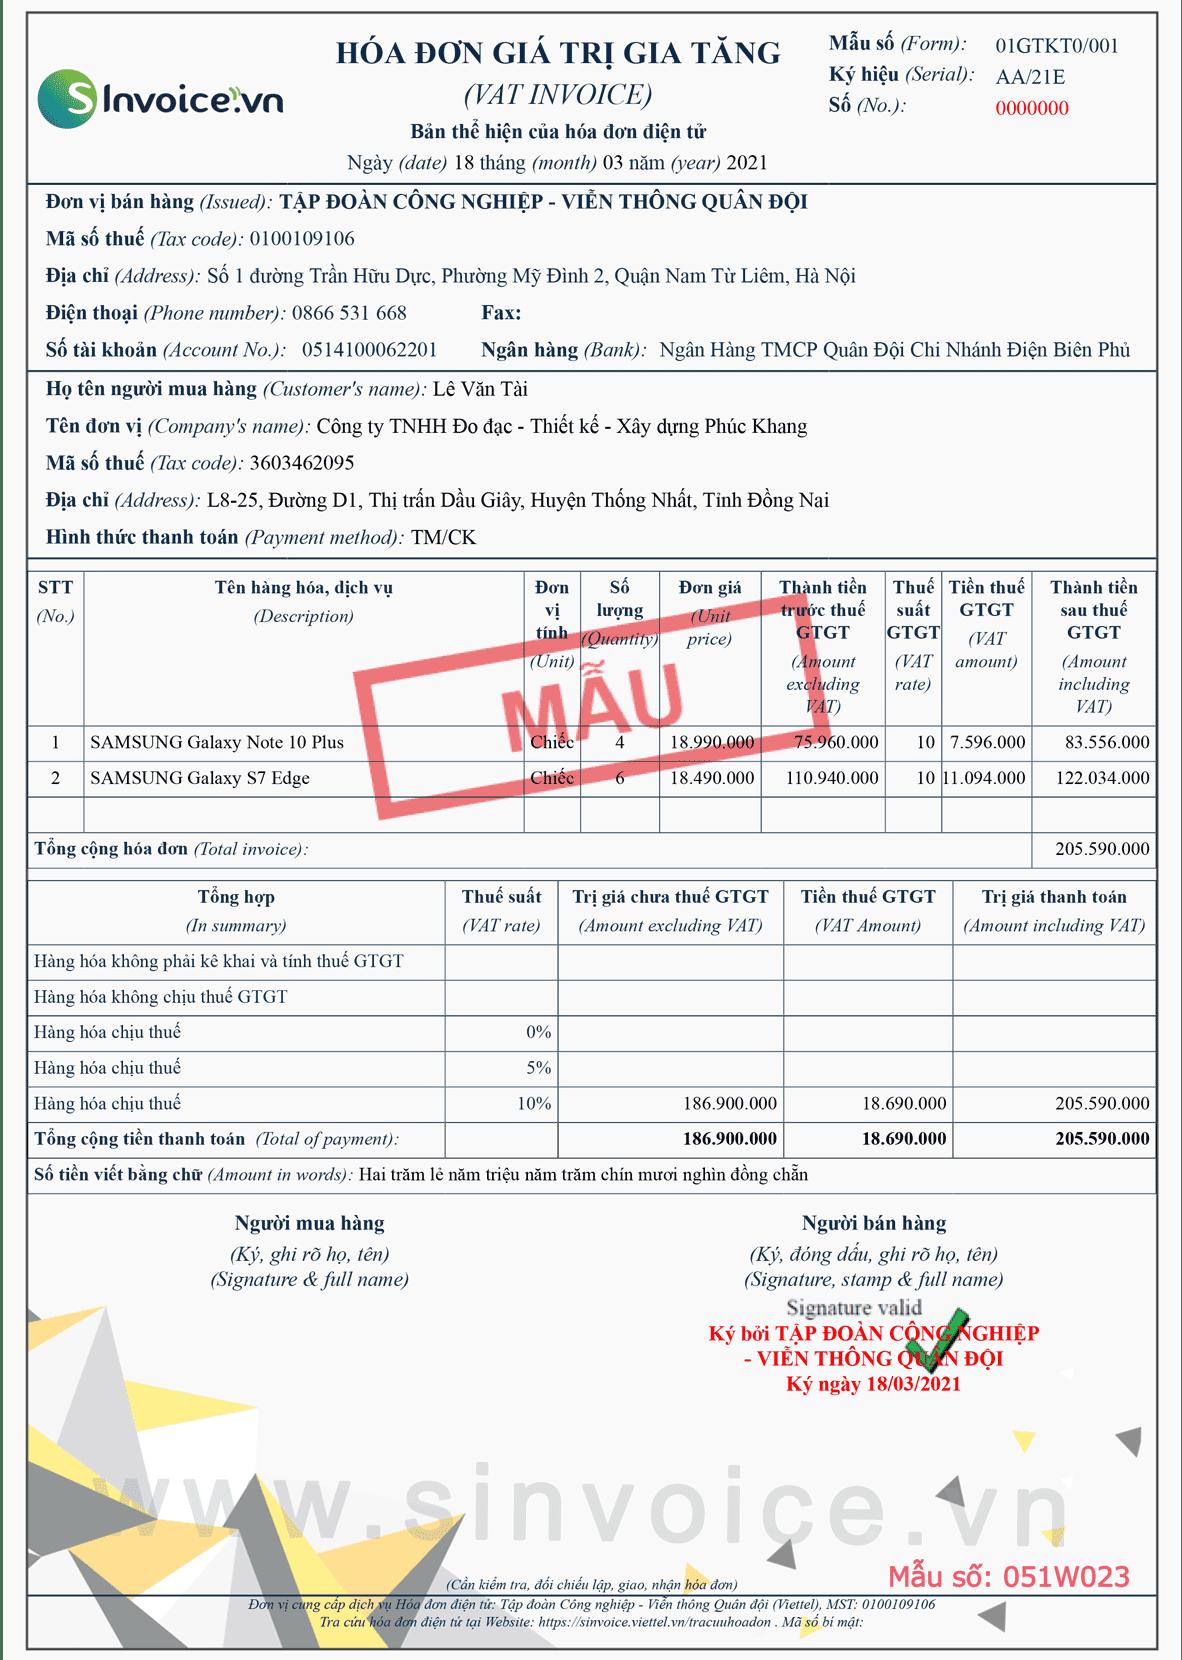 Mẫu hóa đơn điện tử số 051W023